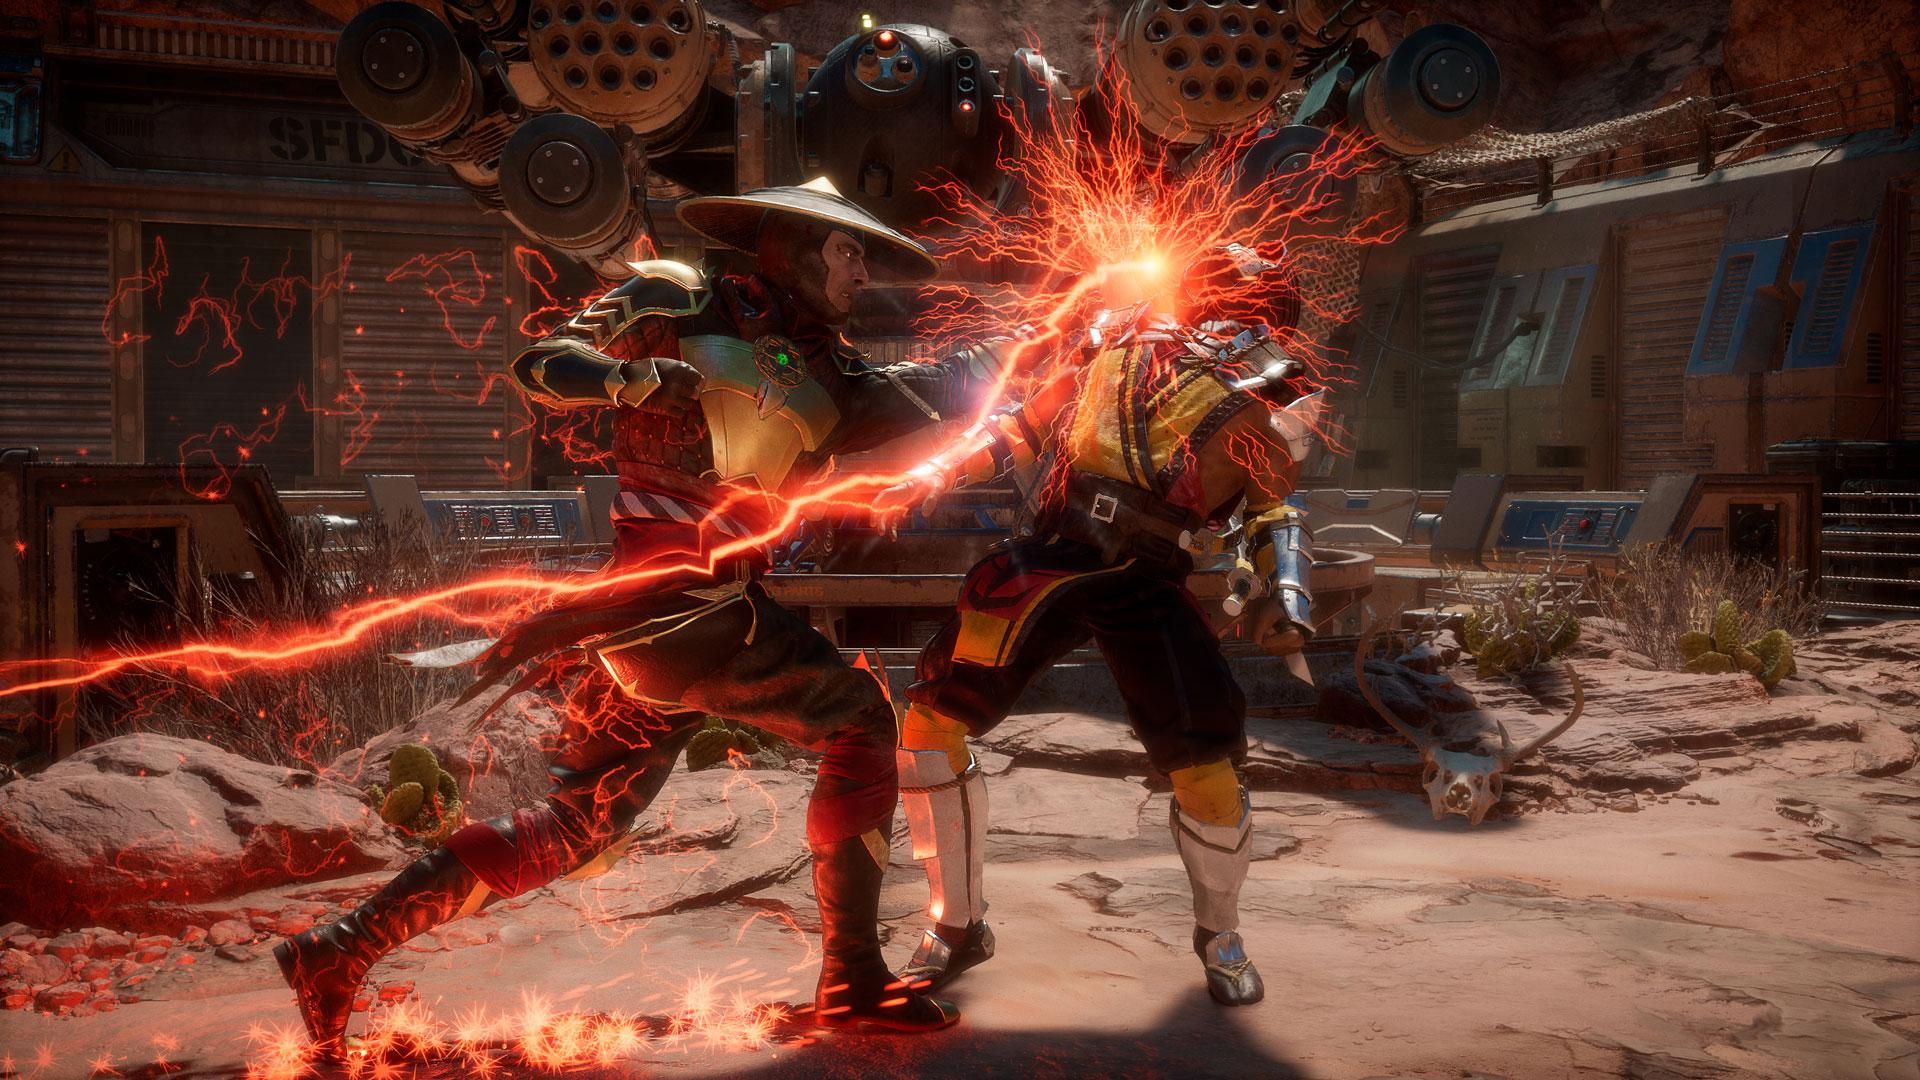 Esports games - Mortal Kombat 11